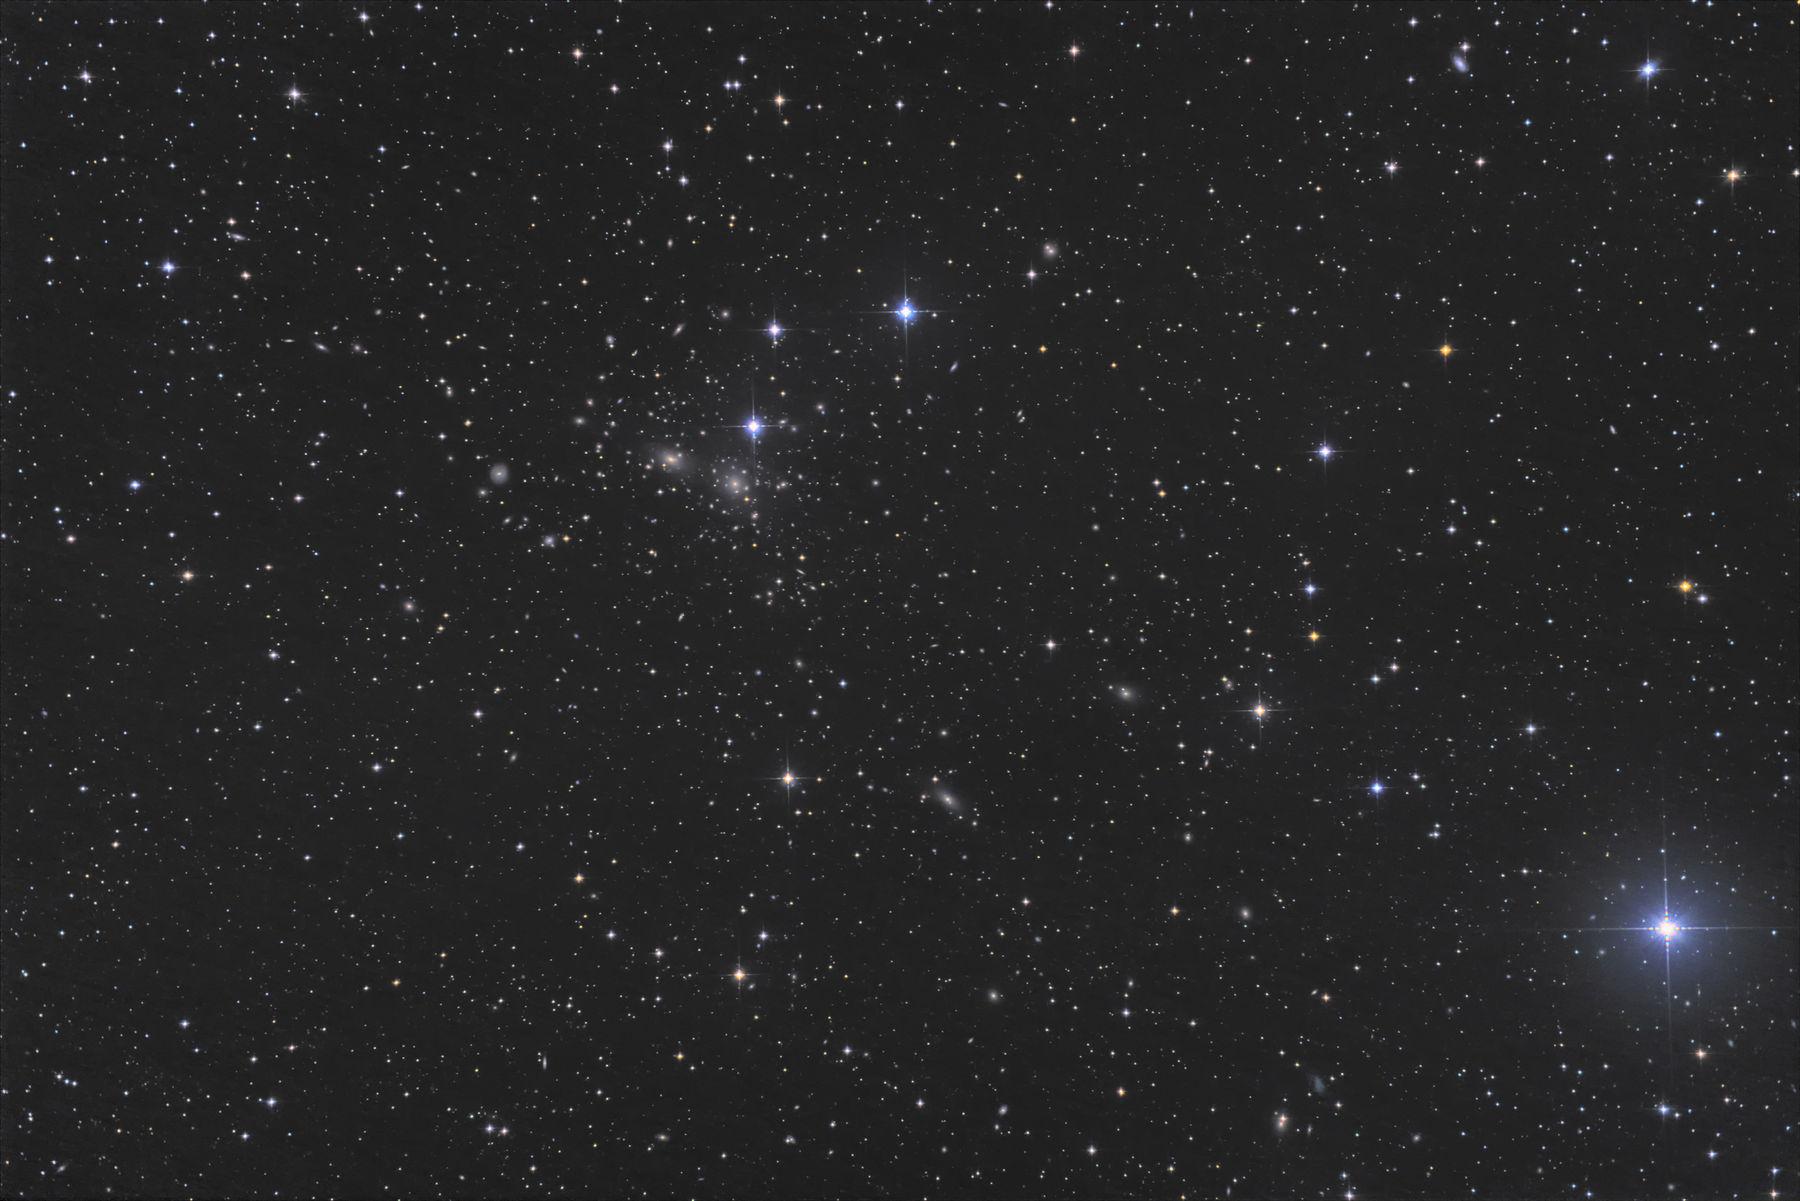 【銀河】ACO1656 かみのけ座銀河団